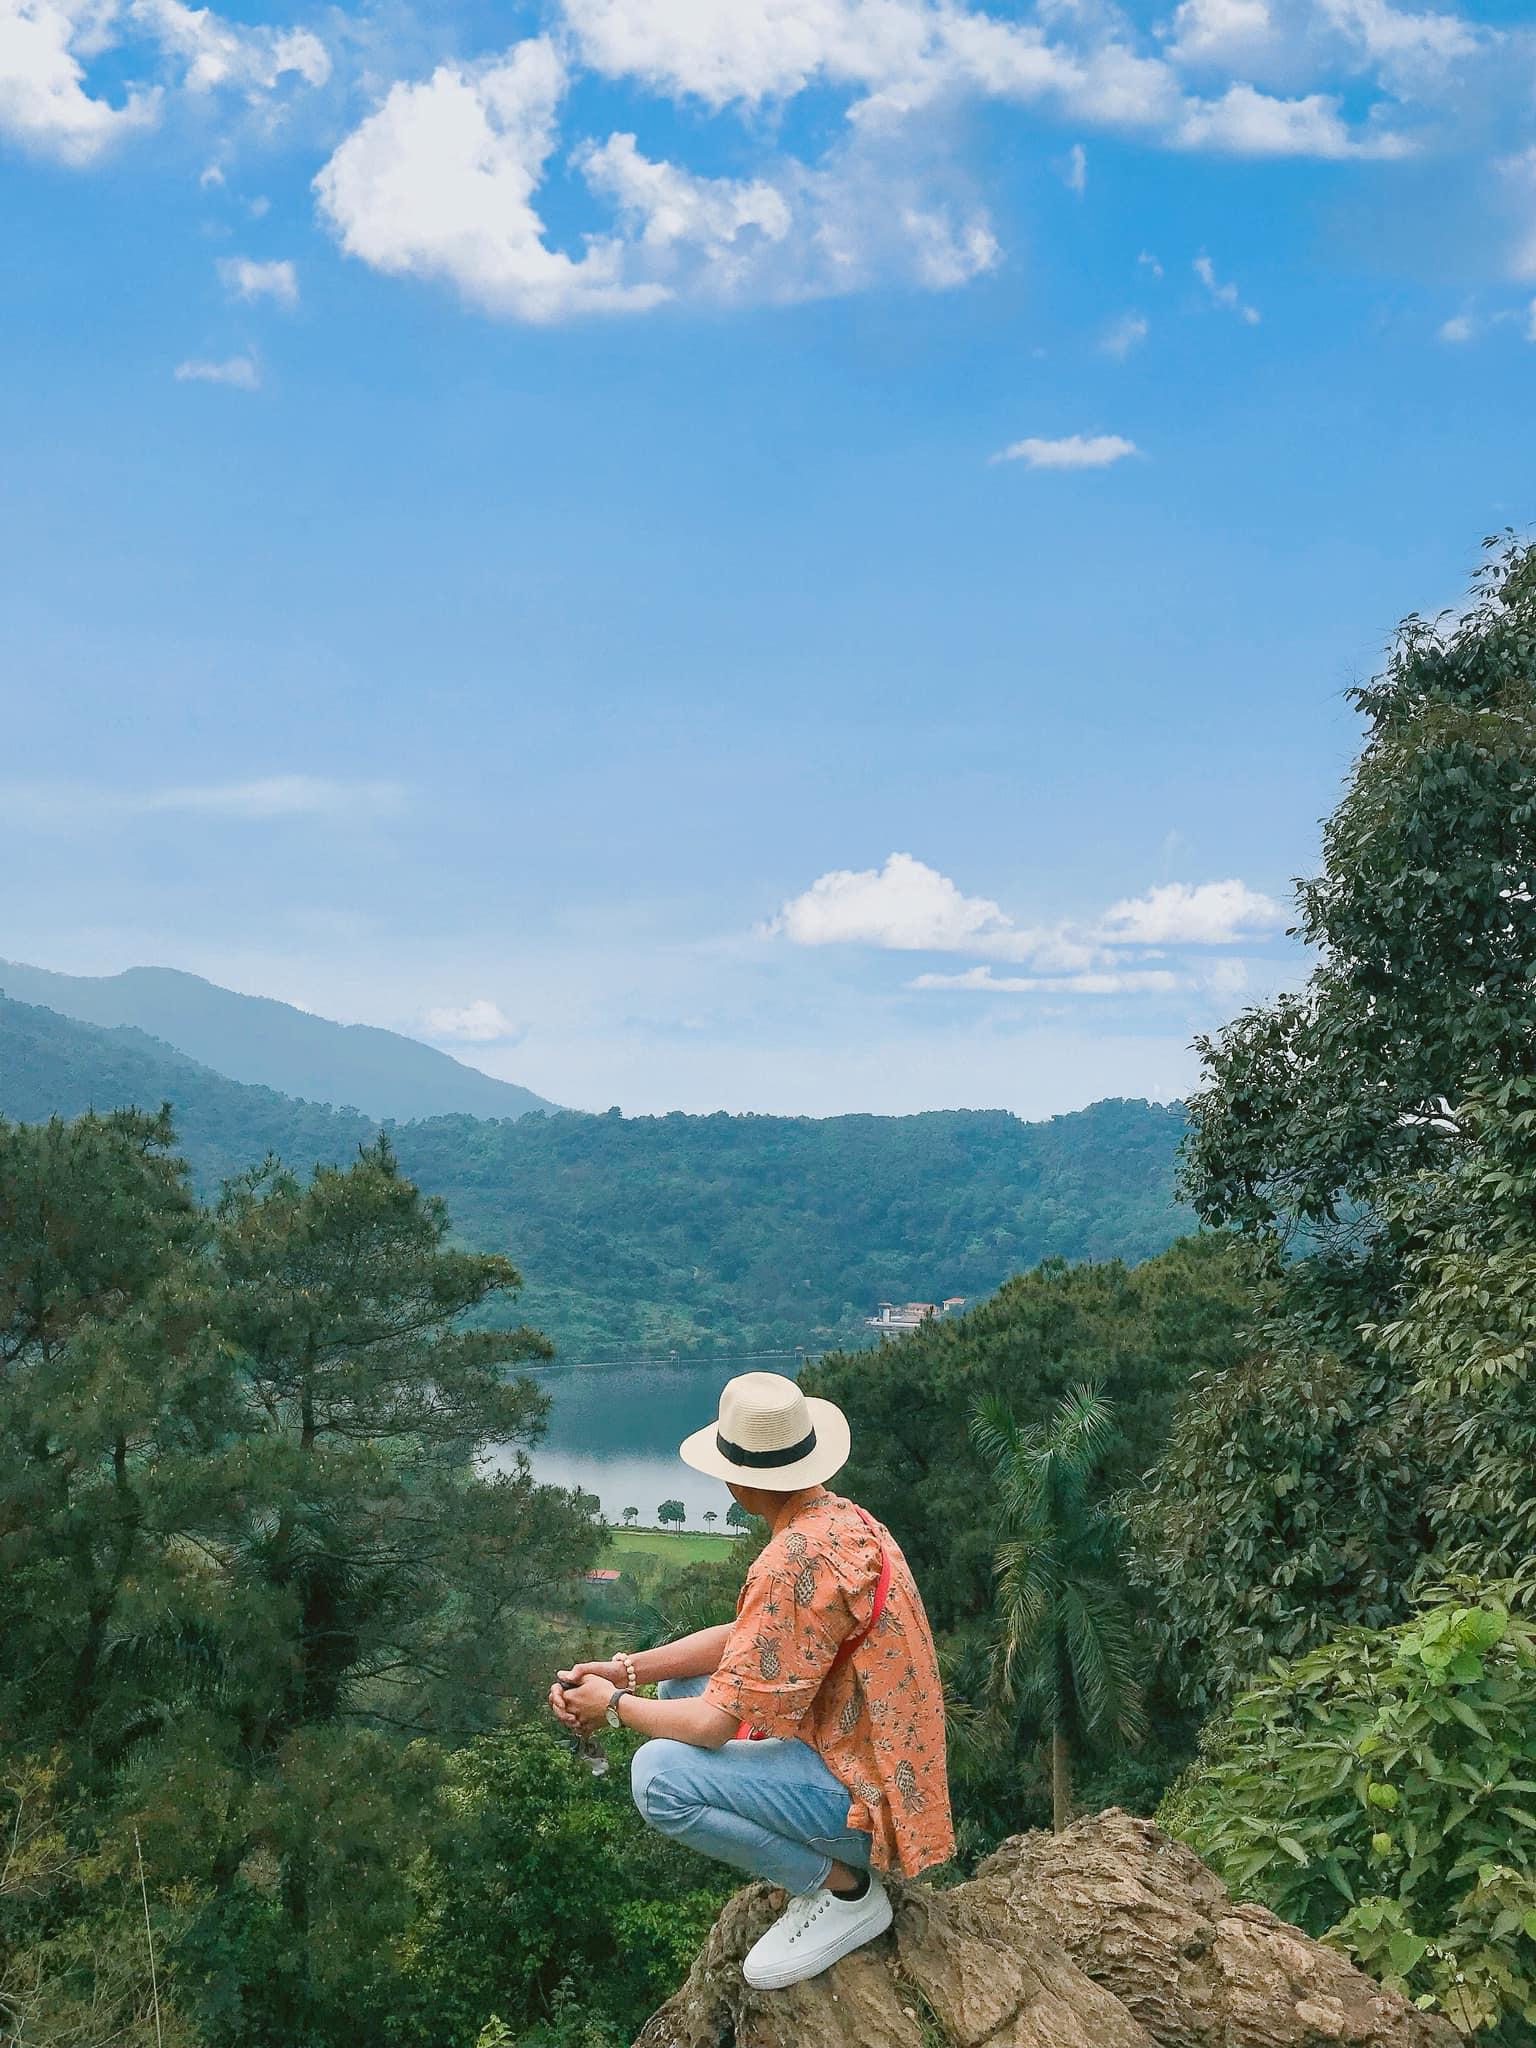 Không khí trong lành mát mẻ. Hình: Tuấn Việt